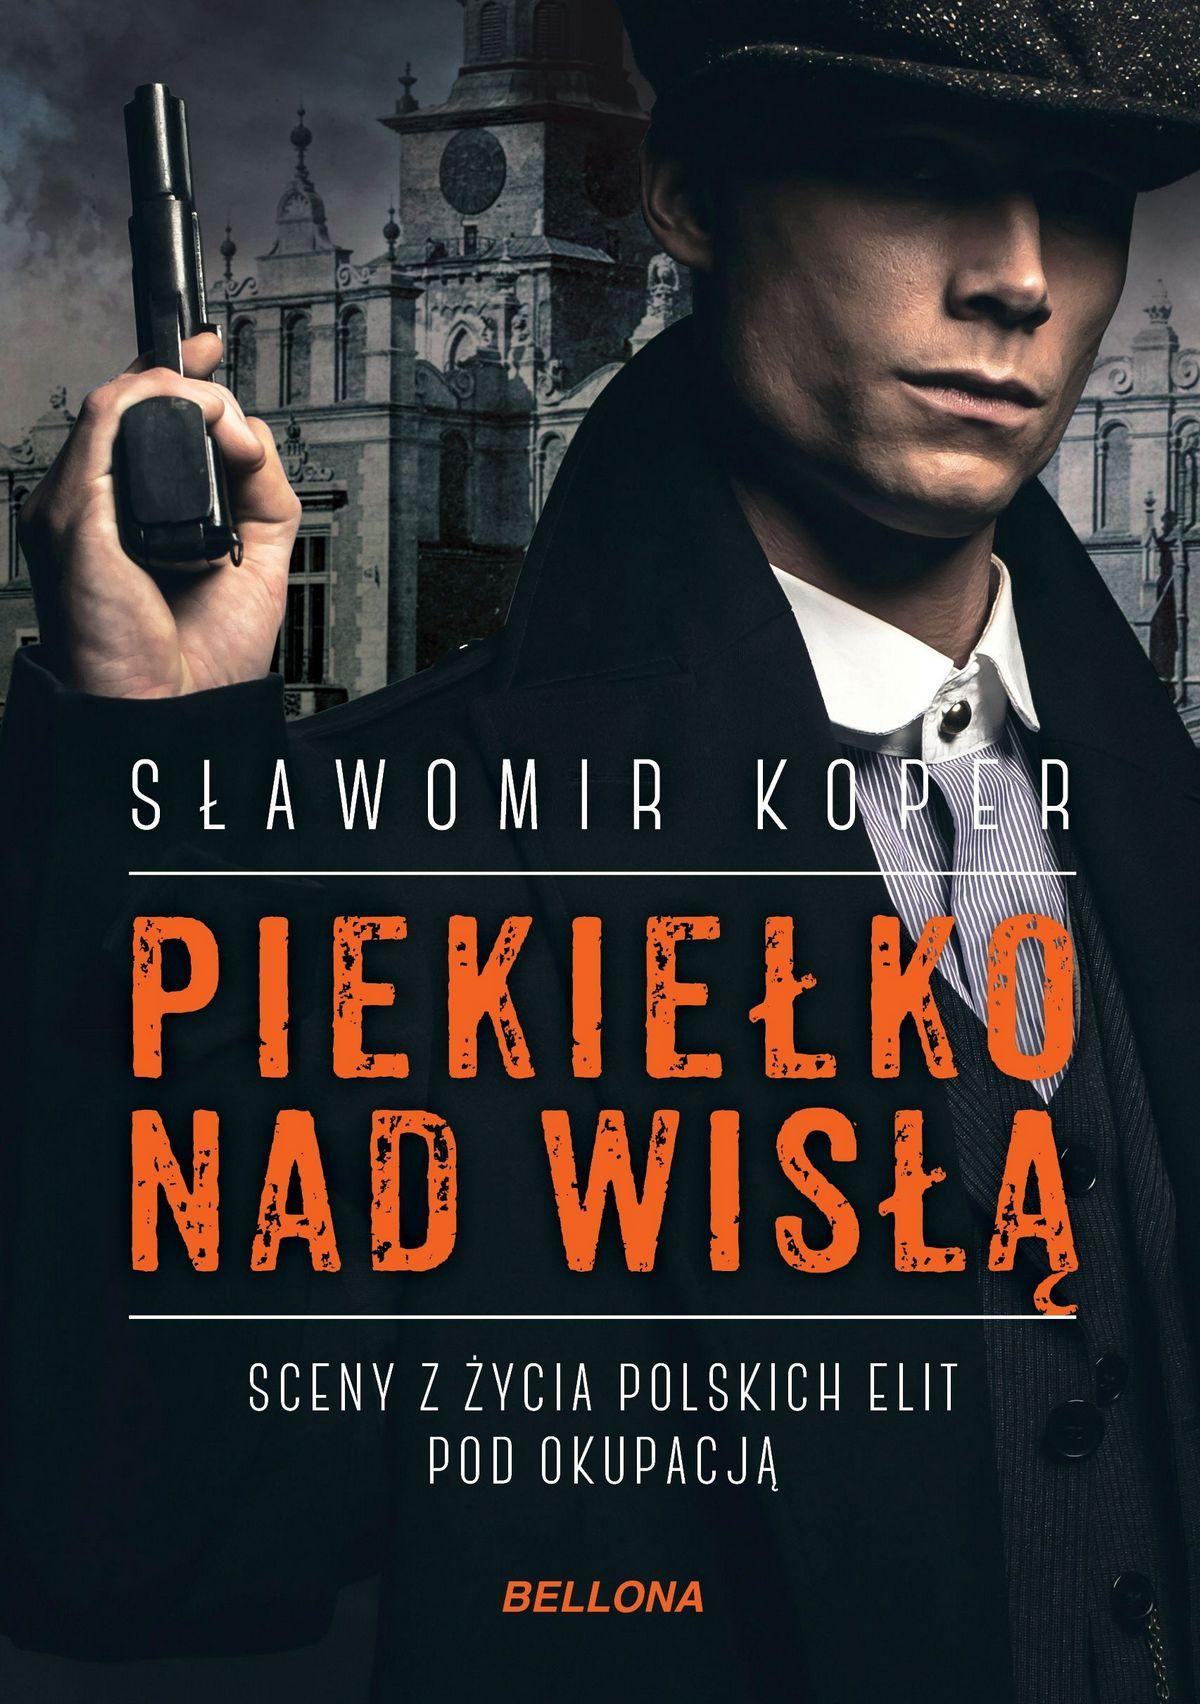 """Artykuł został oparty między innymi na książce Sławomira Kopra pod tytułem """"Piekiełko nas Wisłą"""" (Bellona 2019)."""